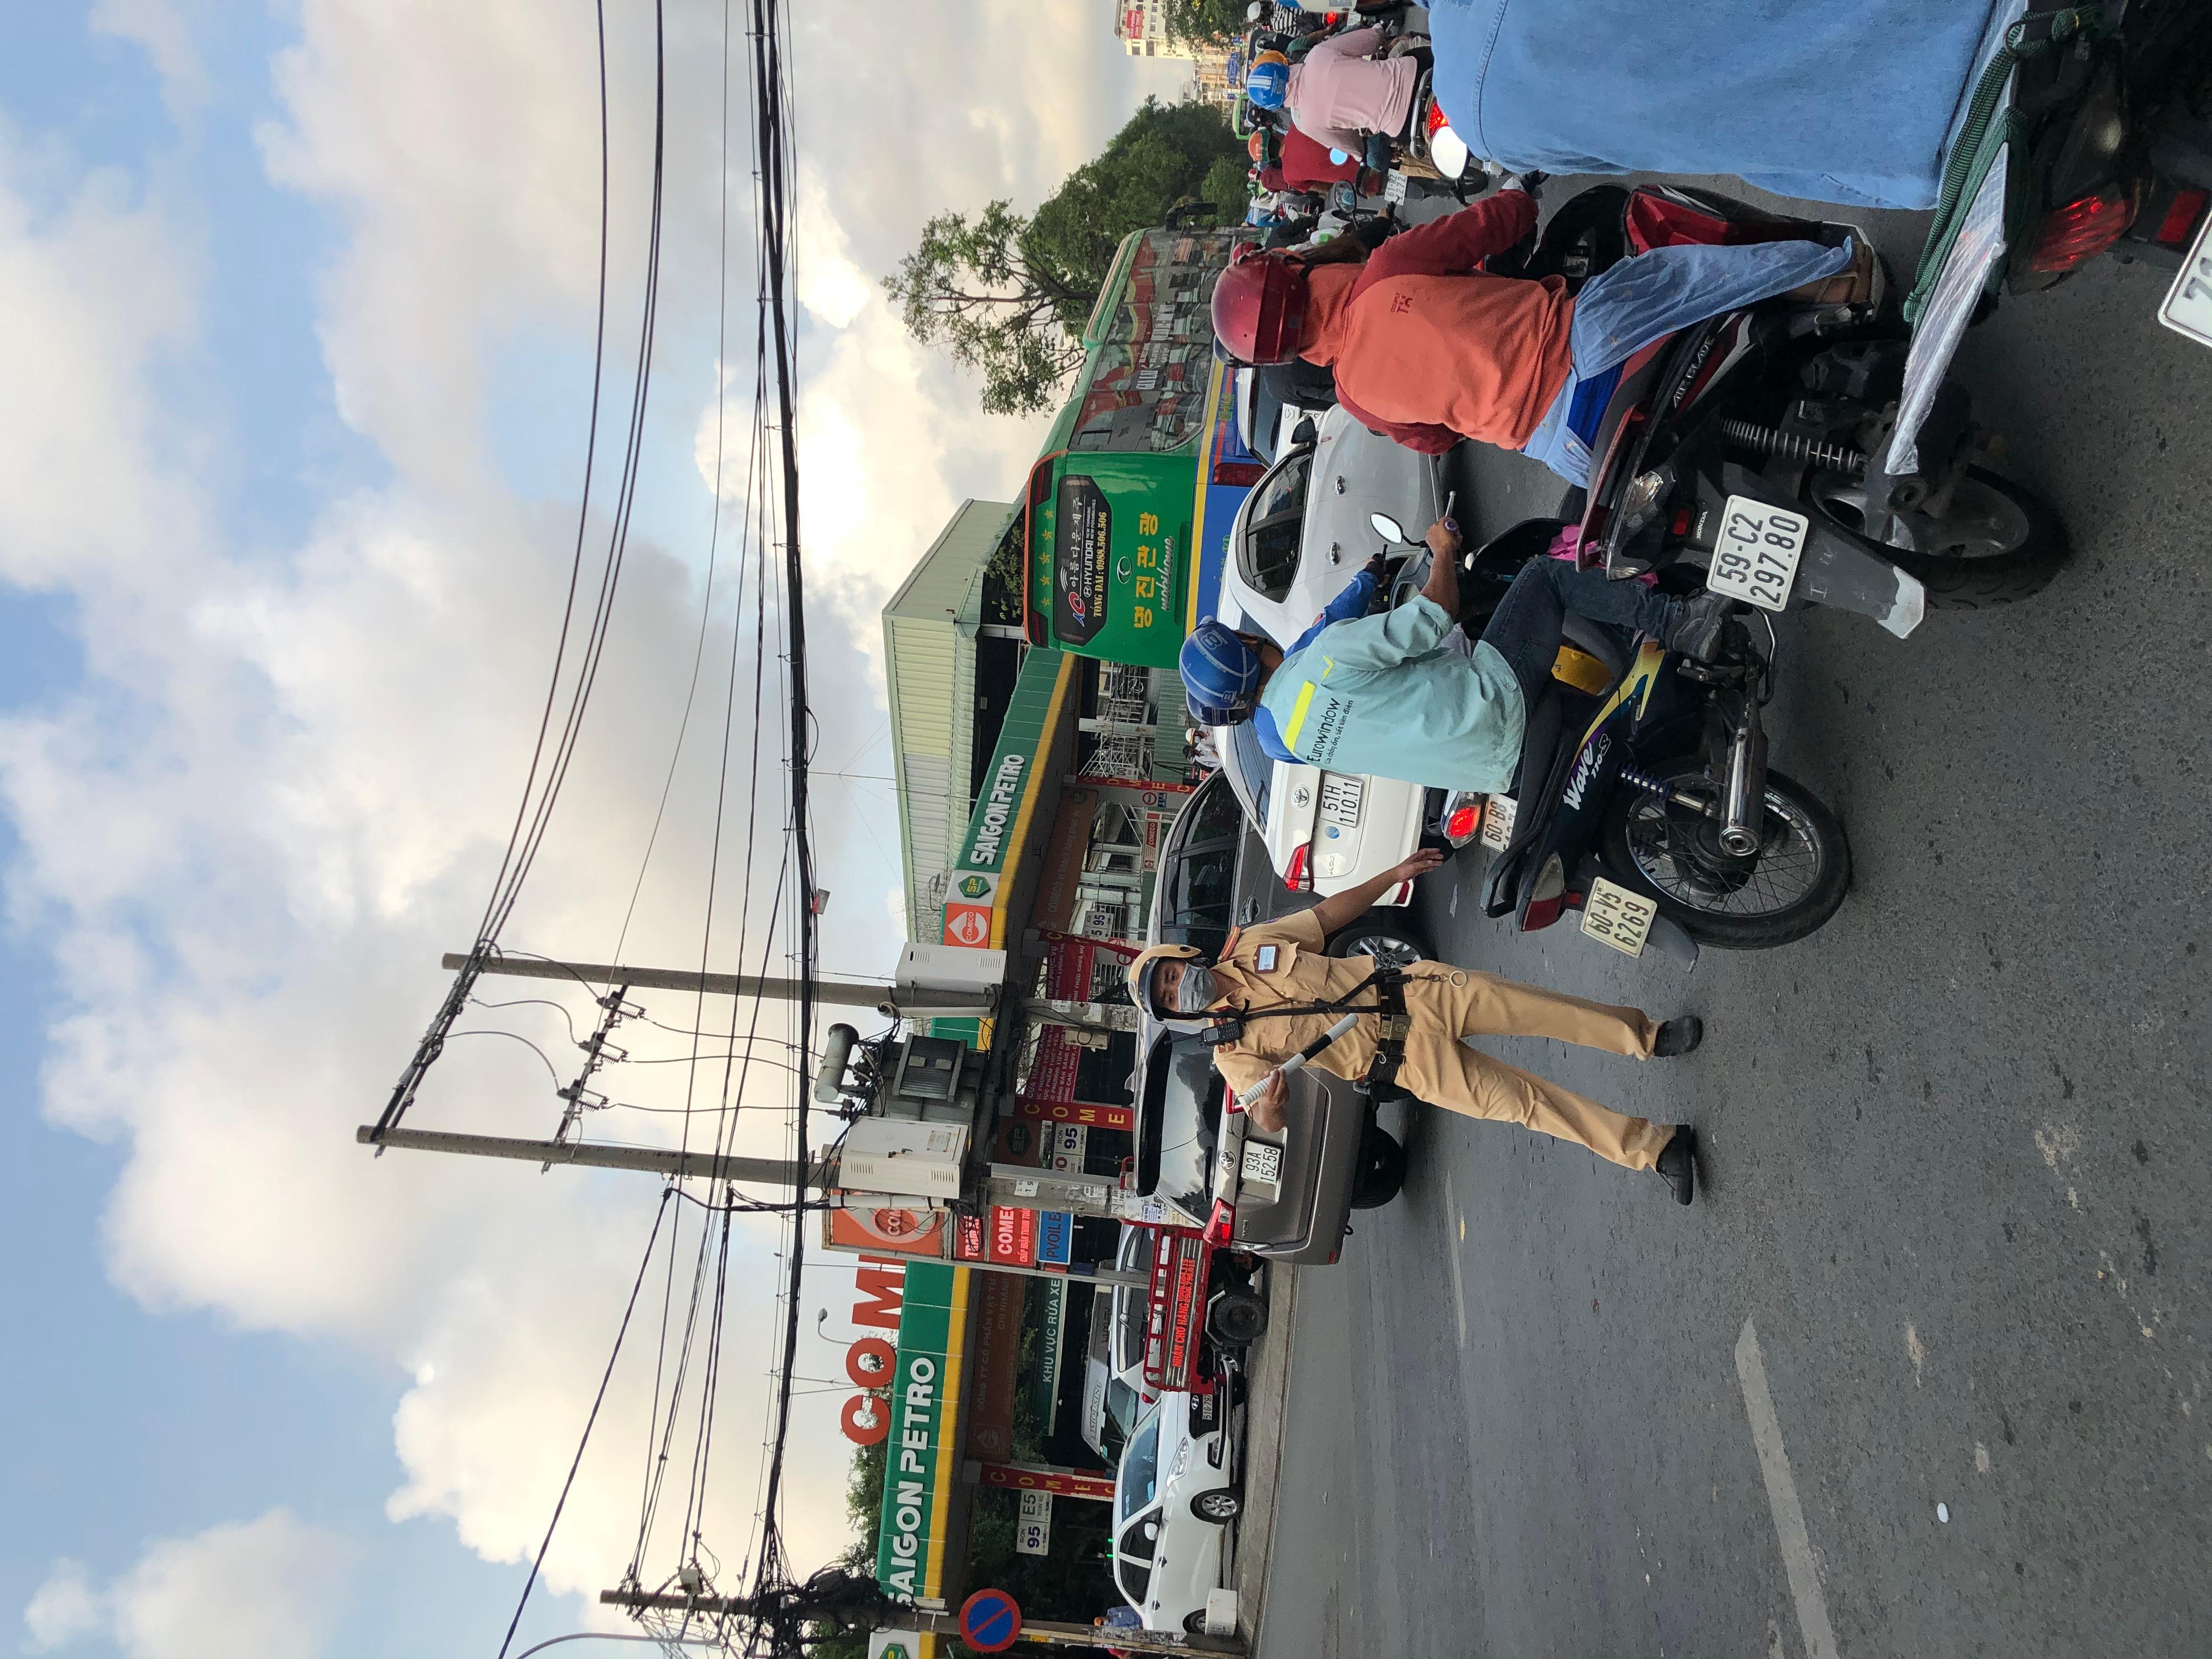 Sài Gòn kẹt xe trở lại Ảnh 5